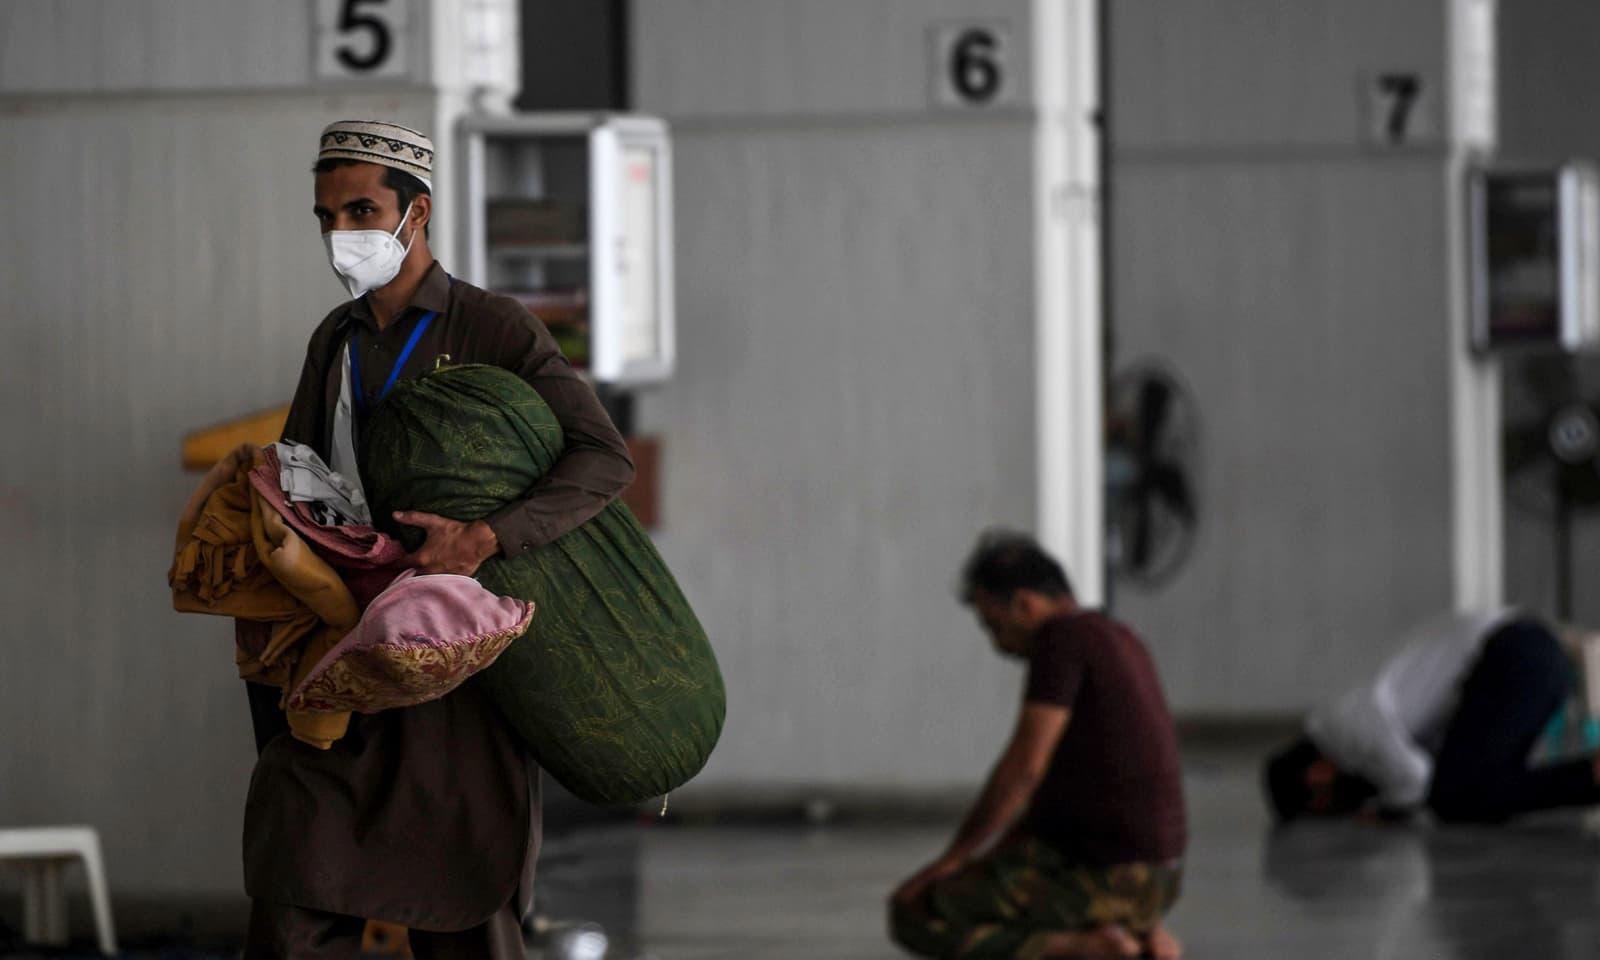 معتکفین کی جانب سے بھی کورونا وائرس کے خطرے کے سبب احتیاطی تدابیر اختیار کی گئی ہیں— فوٹو: اے ایف پی